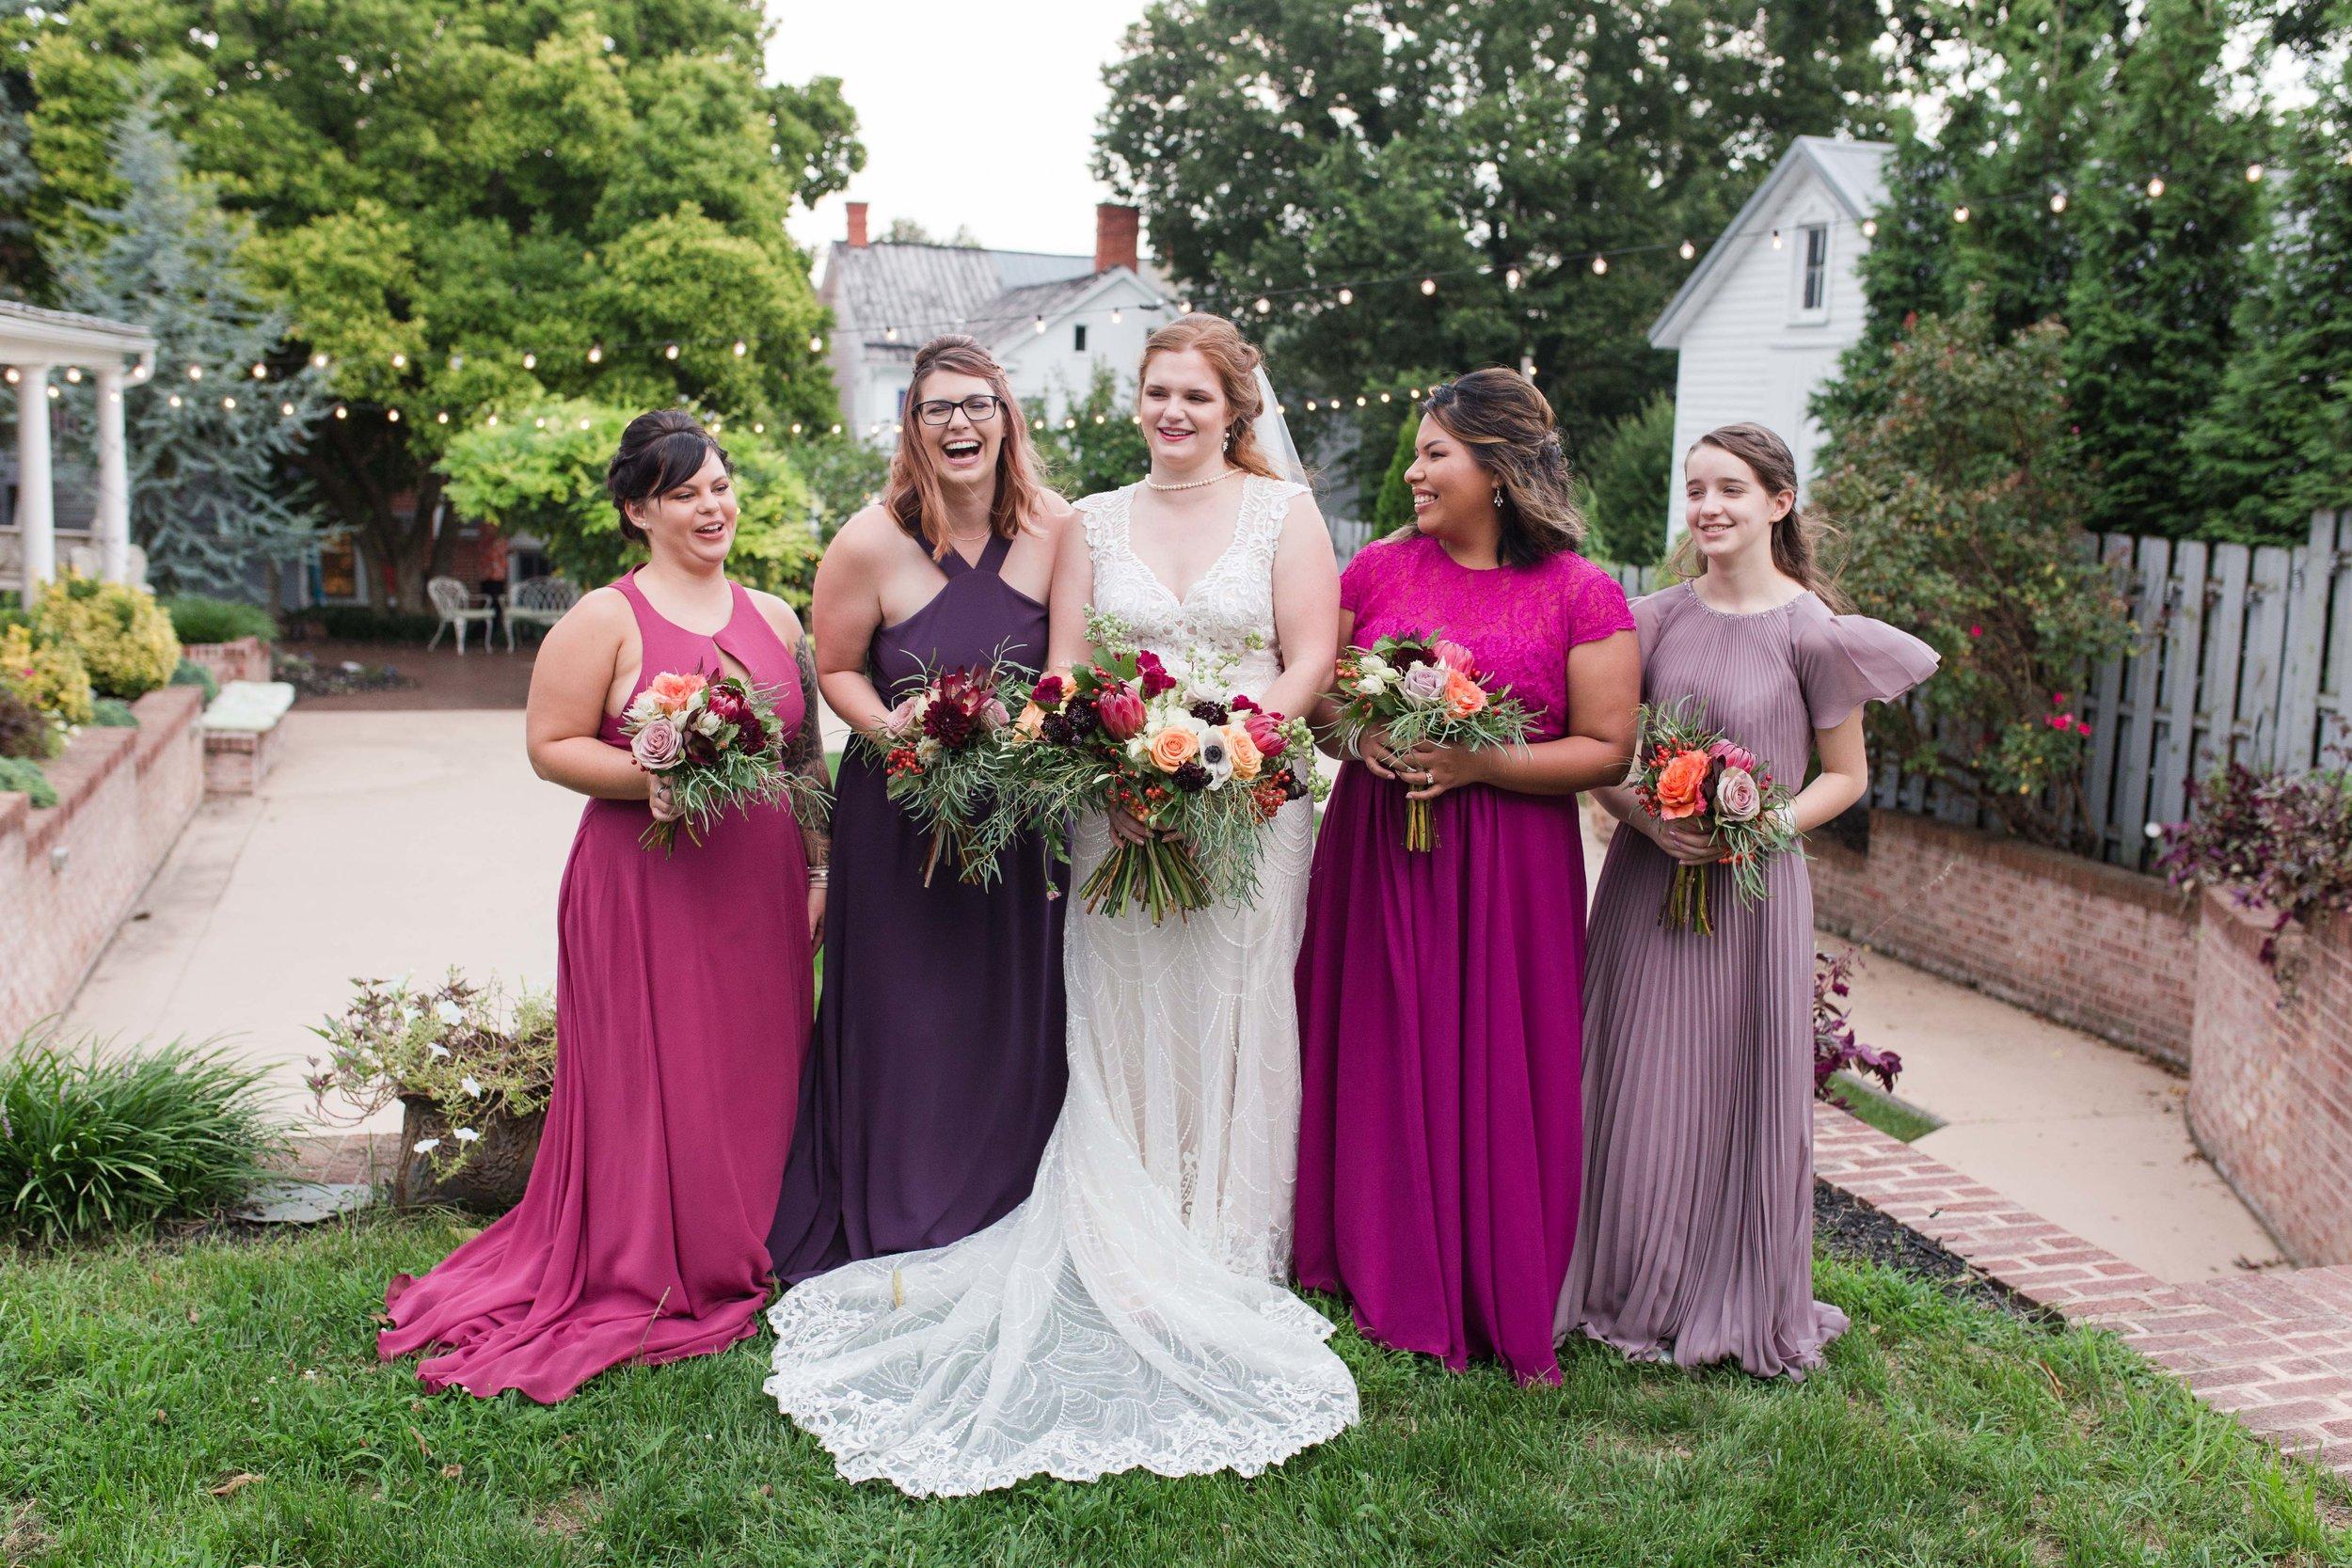 hagerstown_MD_wedding_photographer-6.jpg